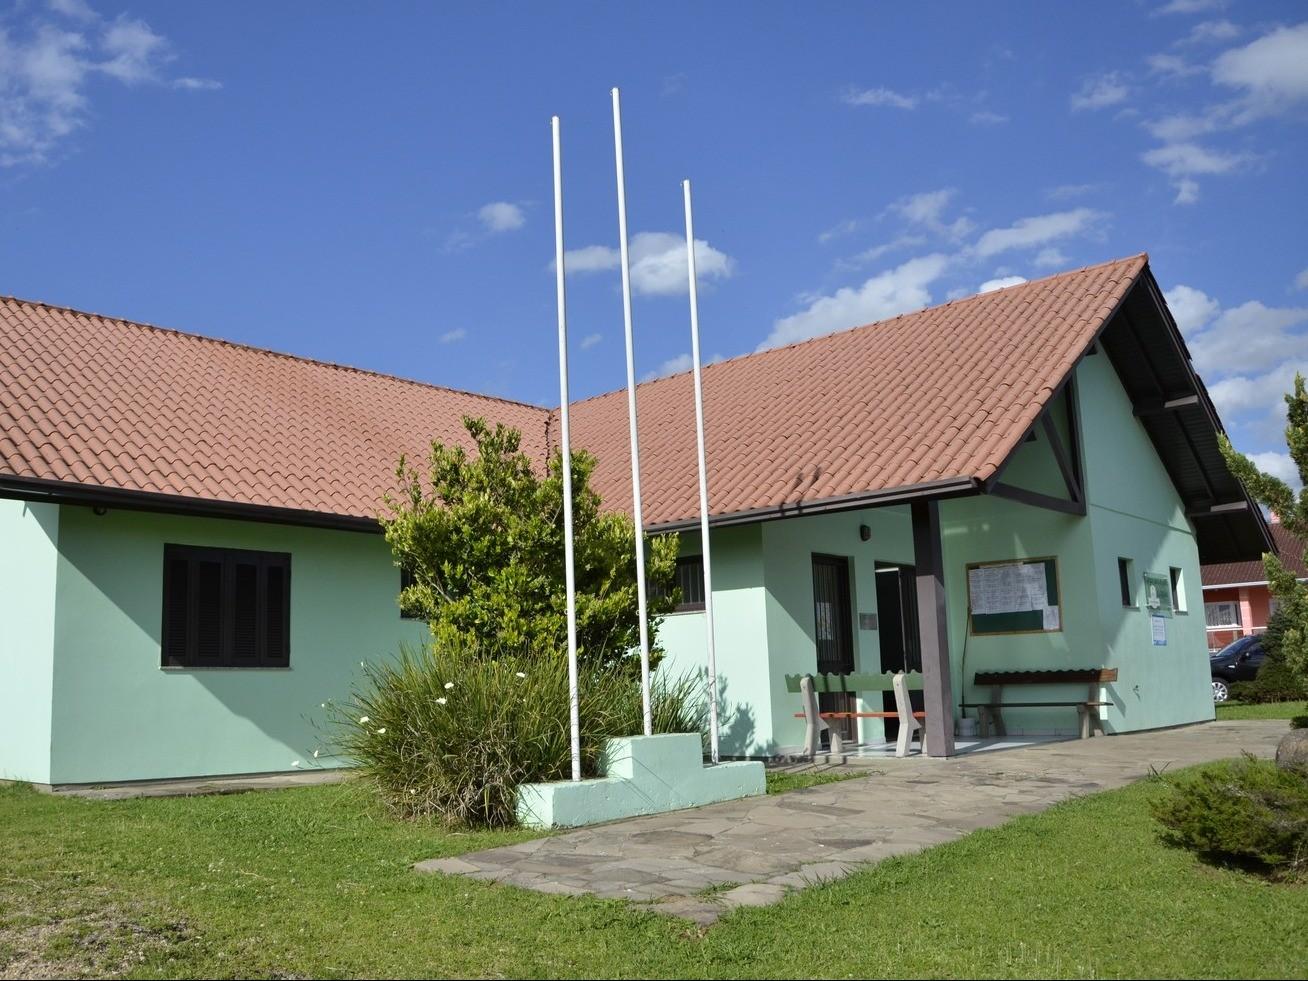 Foto de capa da notícia: Secretaria de Saúde e Assistência Social de Nova Petrópolis comunica